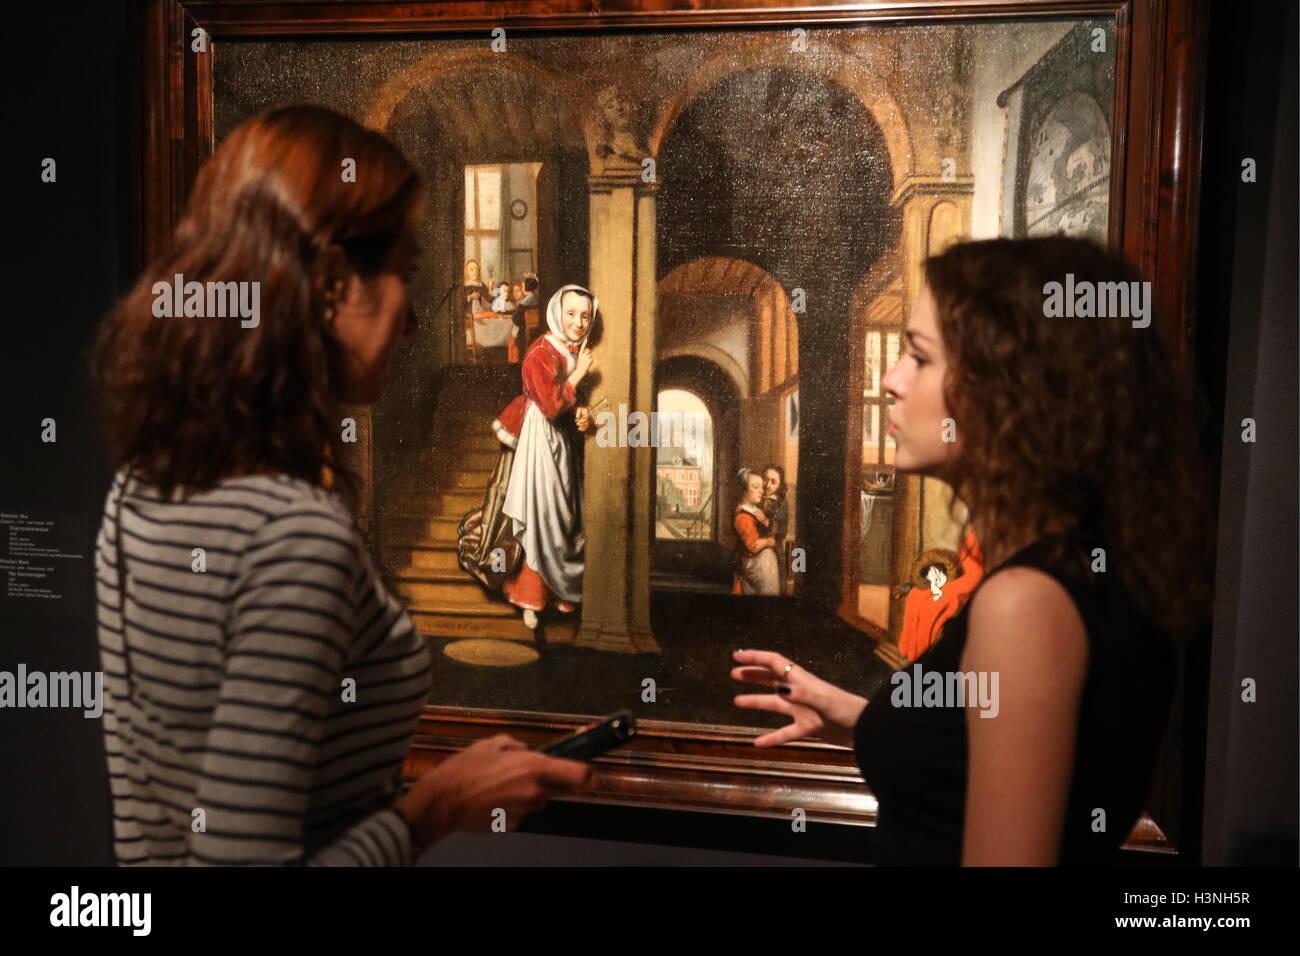 https://c8.alamy.com/compfr/h3nh5r/moscou-russie-10-octobre-2016-les-filles-regarder-lespion-1657-peinture-de-nicolaes-maes-presentes-a-lexposition-intitulee-lart-de-vivre-interieur-de-maison-bourgeoise-neerlandais-a-lere-de-prosperite-au-musee-detat-pouchkine-des-beaux-arts-de-lexposition-presente-11-peintures-de-lartistes-de-lage-dor-hollandais-imagerie-de-la-vendeuse-et-scenes-de-la-vie-quotidienne-ainsi-que-des-objets-dart-et-dartisanat-lexposition-est-ouverte-a-letat-pushkin-museum-of-fine-arts-du-11-octobre-2016-au-10-janvier-2017-agence-itar-tassalamy-live-news-h3nh5r.jpg